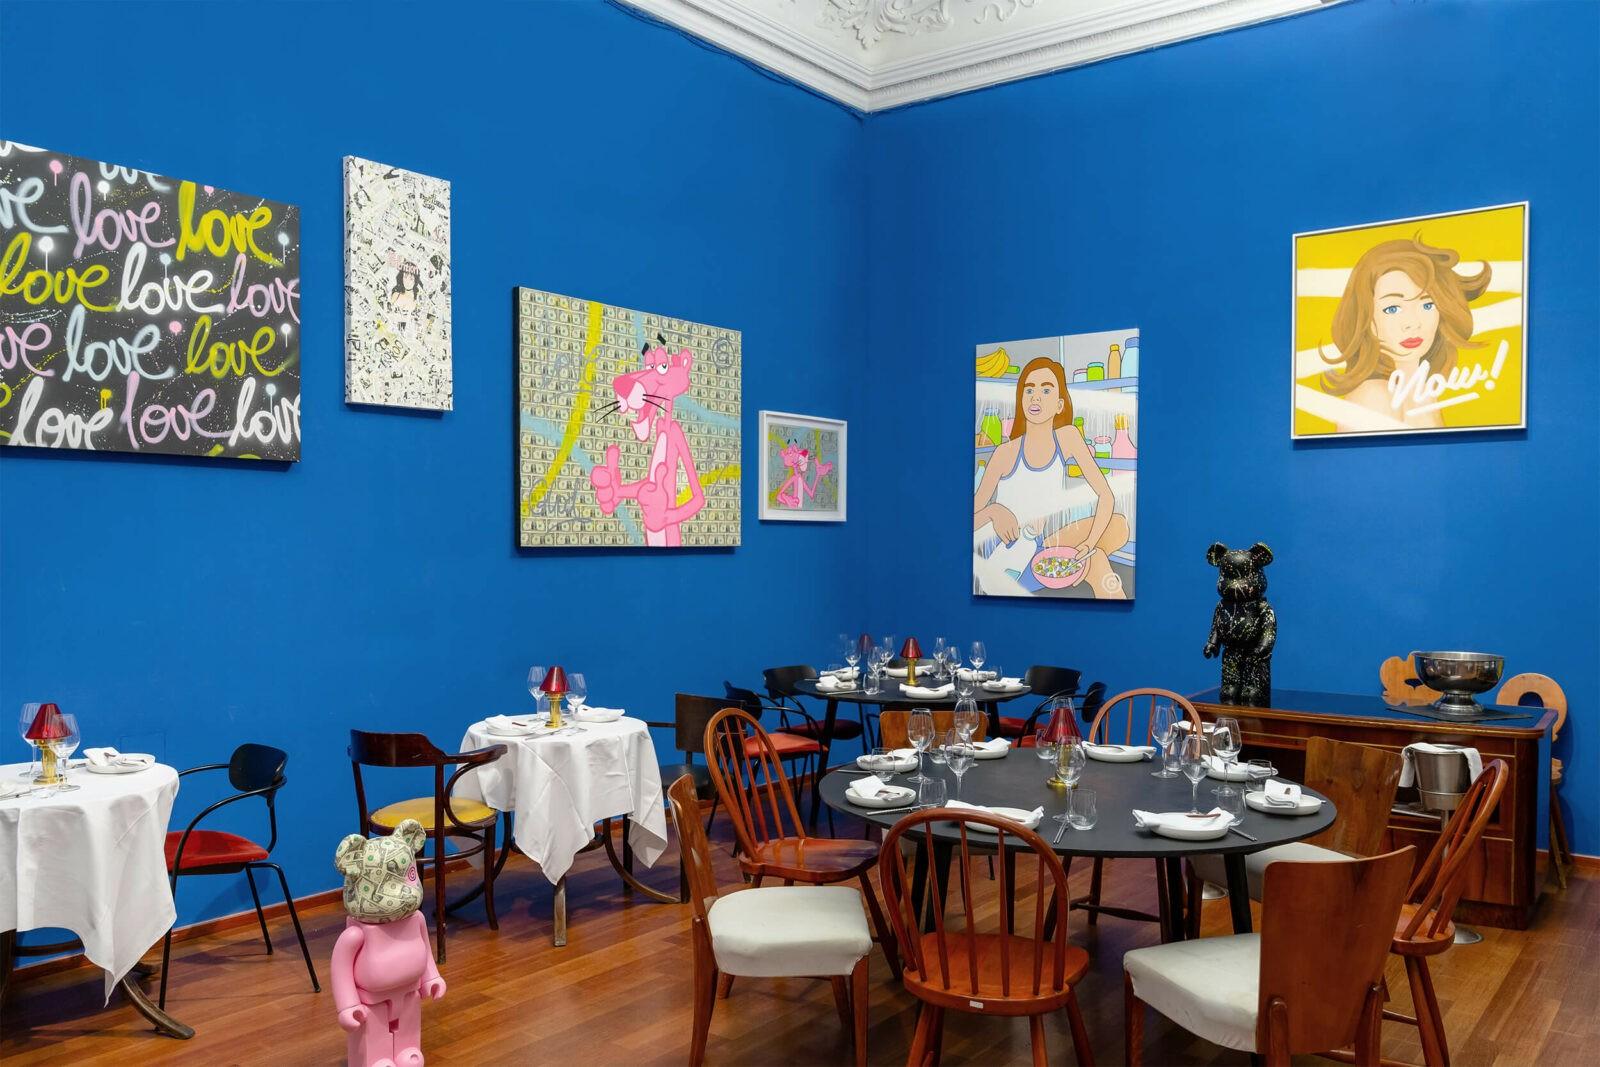 Glod Art 1o1 Exhibition Ausstellung Vienna